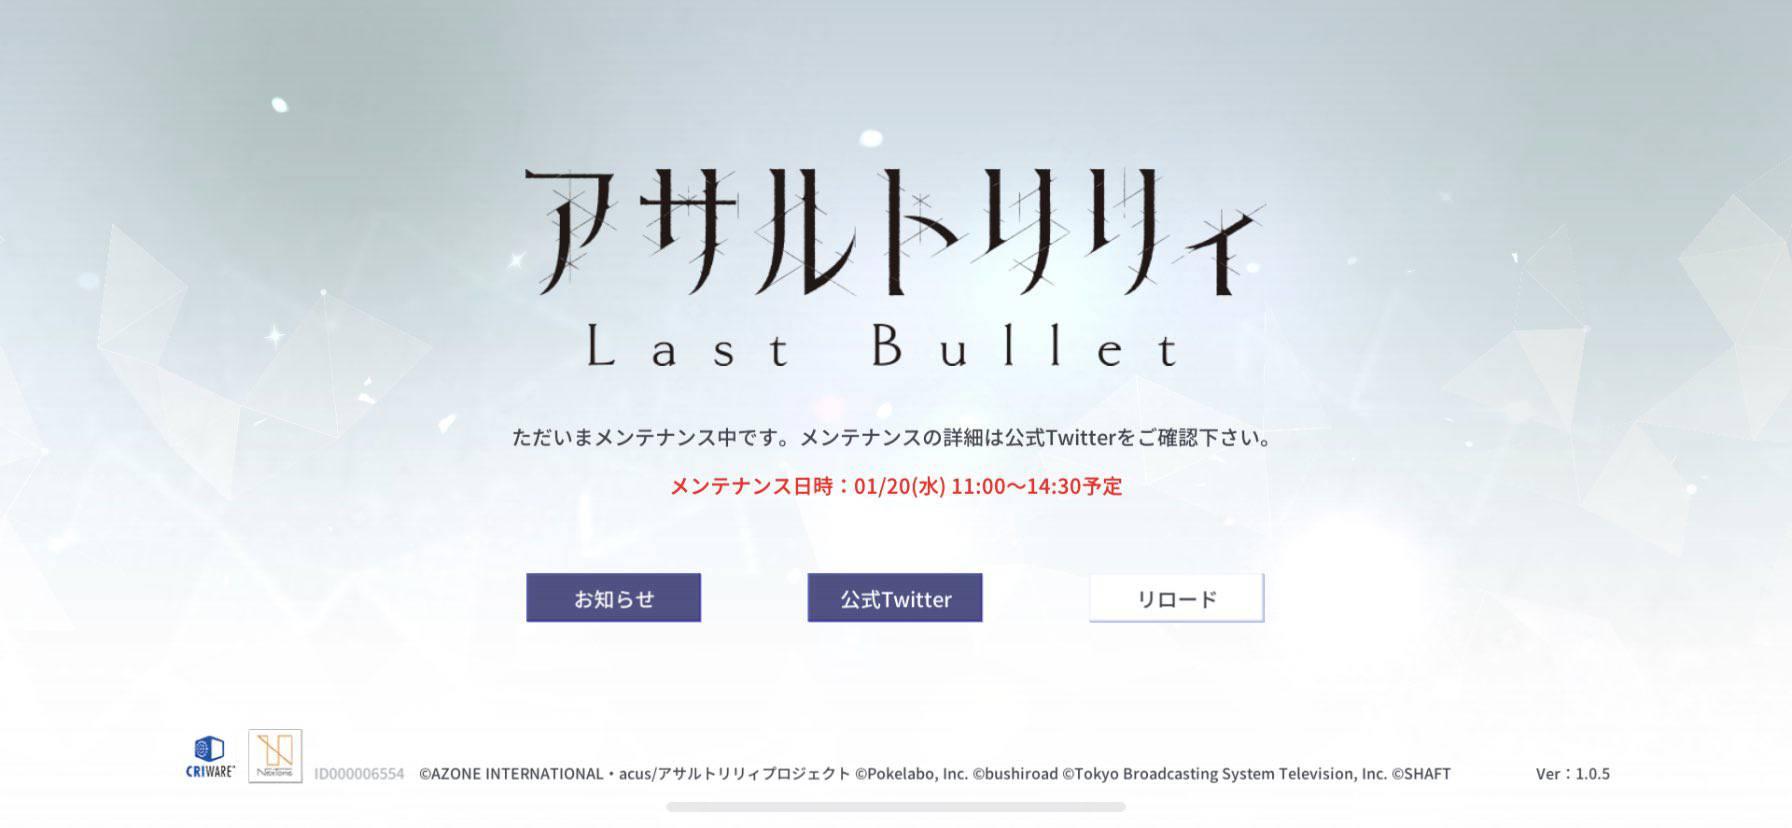 【ラスバレ】14:00リリースが延期ってマジかよ!?